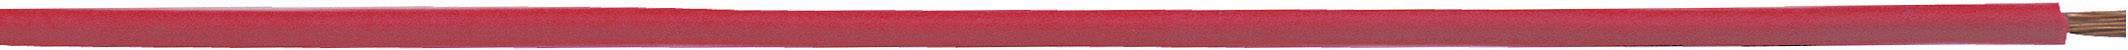 Opletenie / lanko LappKabel 4510143S H05V-K, 1 x 1 mm², vonkajší Ø 2.80 mm, 250 m, tmavomodrá